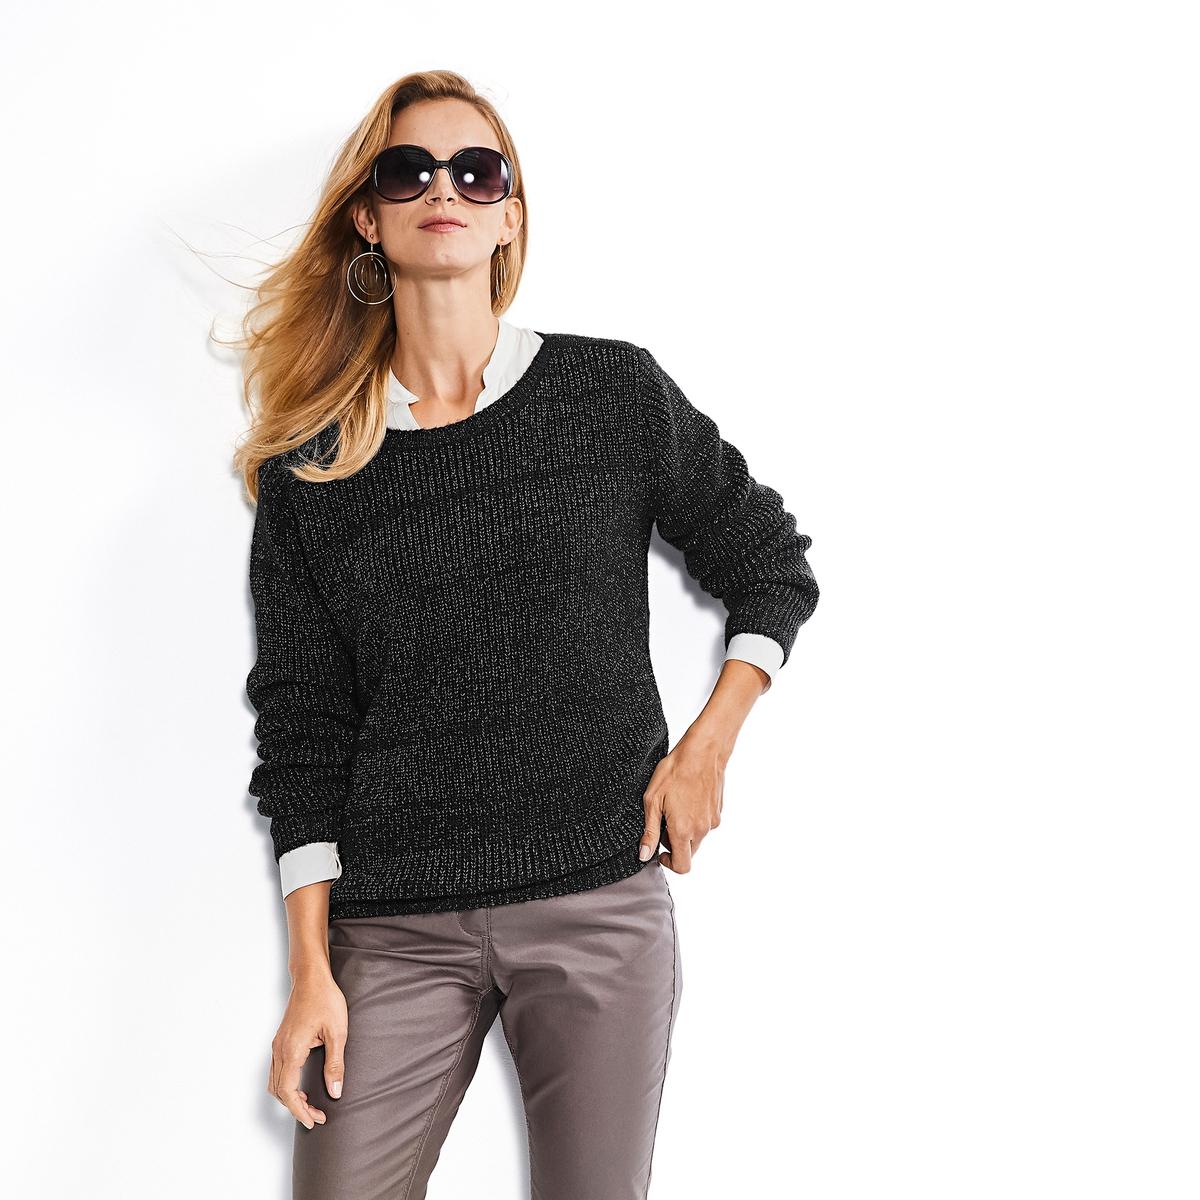 Imagen adicional 2 de producto de Pantalón recto con revestimiento stretch - Anne weyburn